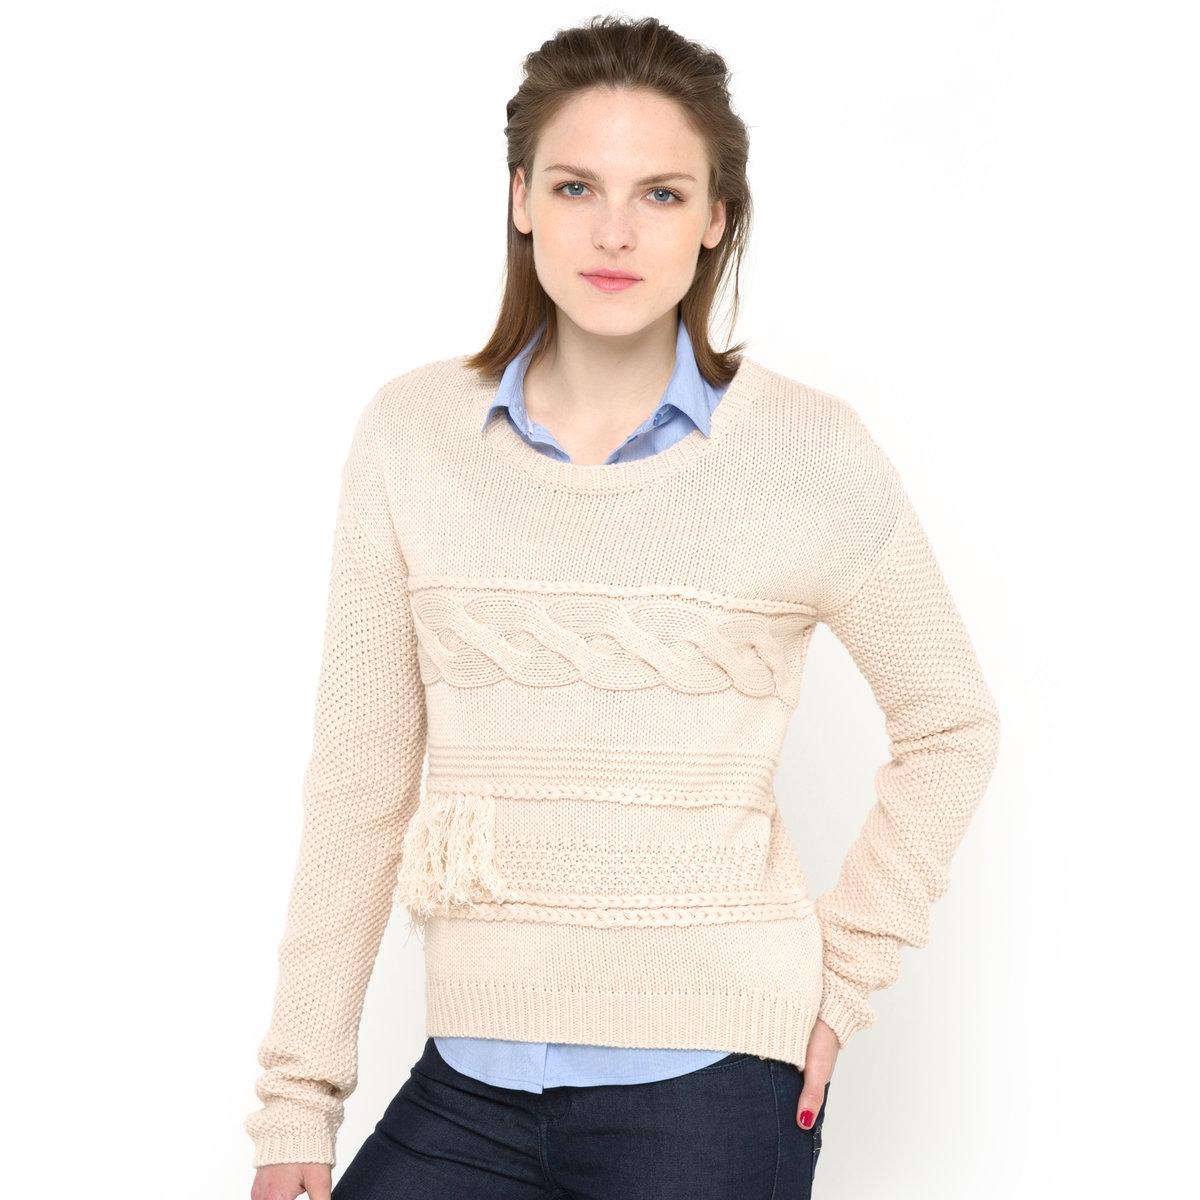 Пуловер с узором косы и бахромойПуловер из узорного трикотажа, 100% акрила. Узор косы и бахрома. Круглый вырез. Длинные рукава. Края связаны в рубчик. Длина ок. 57 см.<br><br>Цвет: экрю<br>Размер: 42/44 (FR) - 48/50 (RUS)